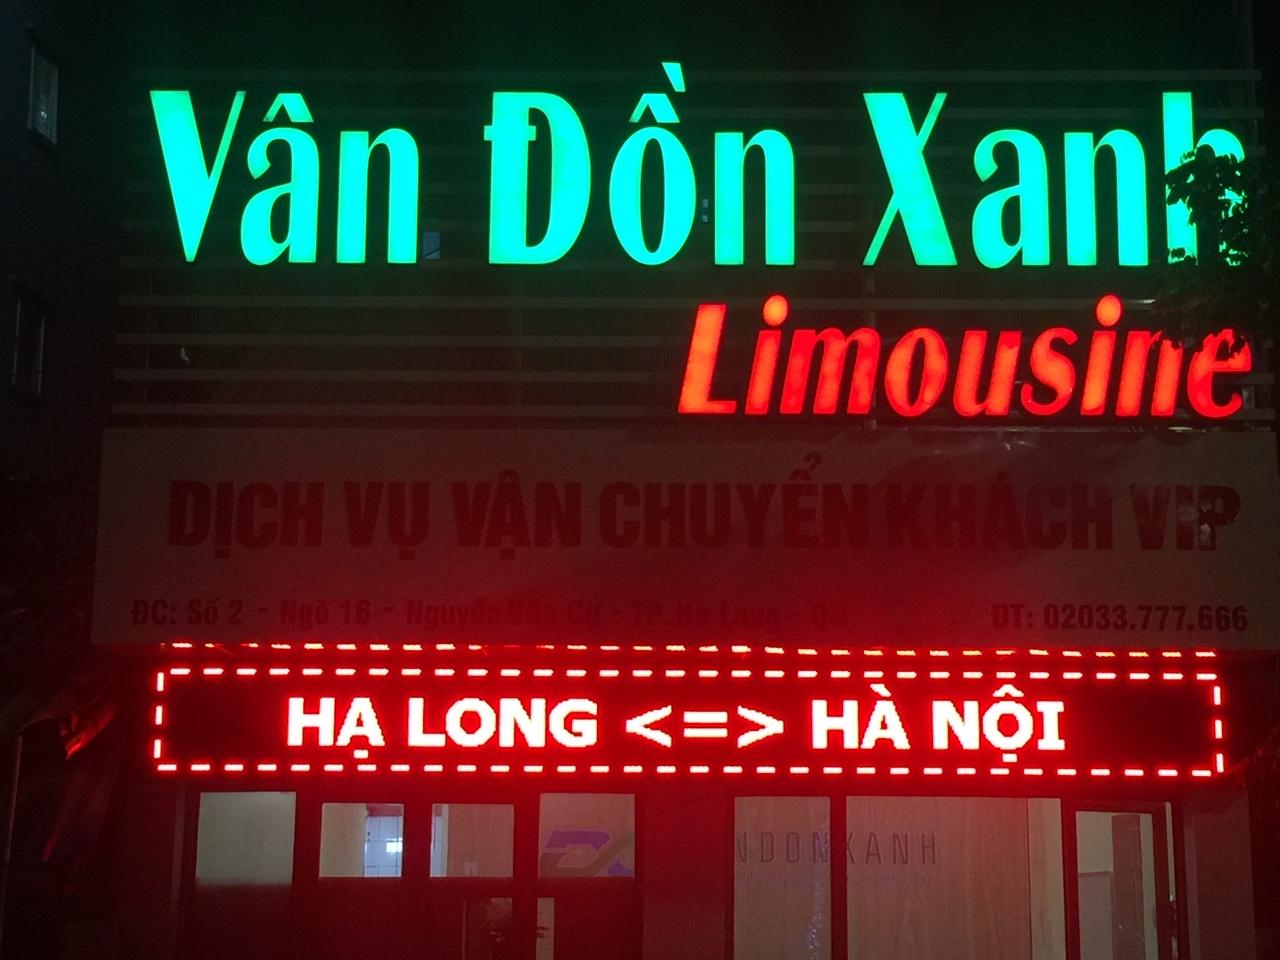 Vân Đồn Xanh tưng bừng khai trương văn phòng Hạ Long